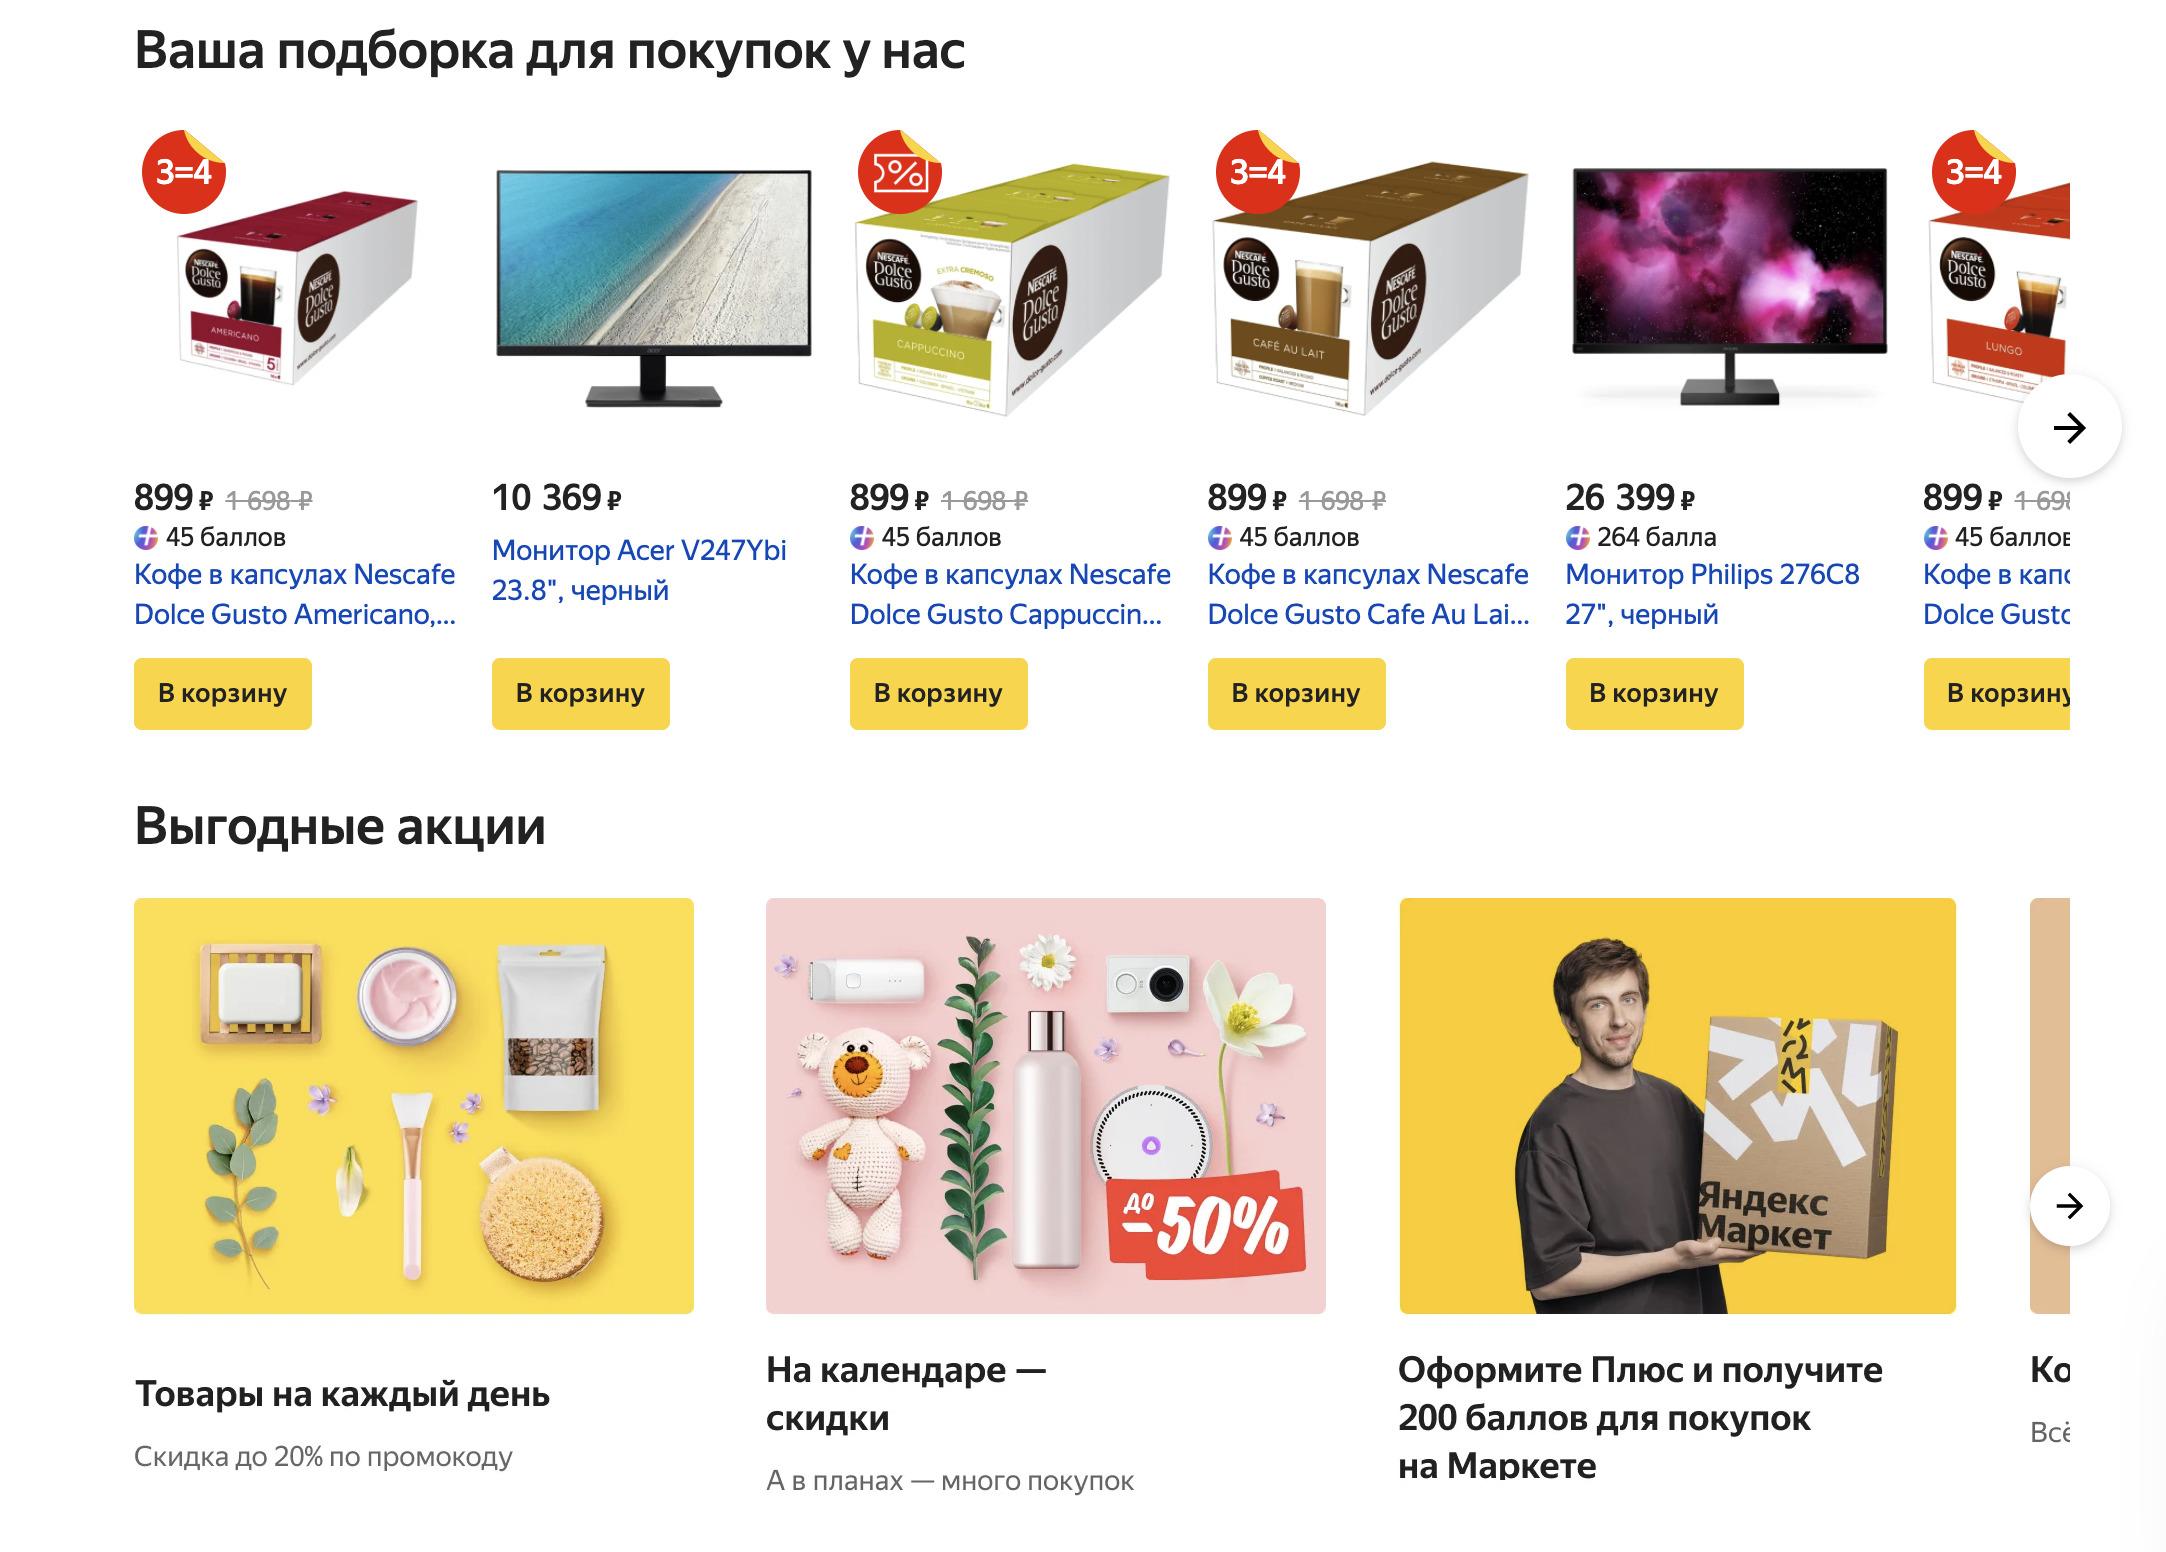 Доставка из Яндекс.Маркет в Красноярский край, сроки, пункты выдачи, каталог